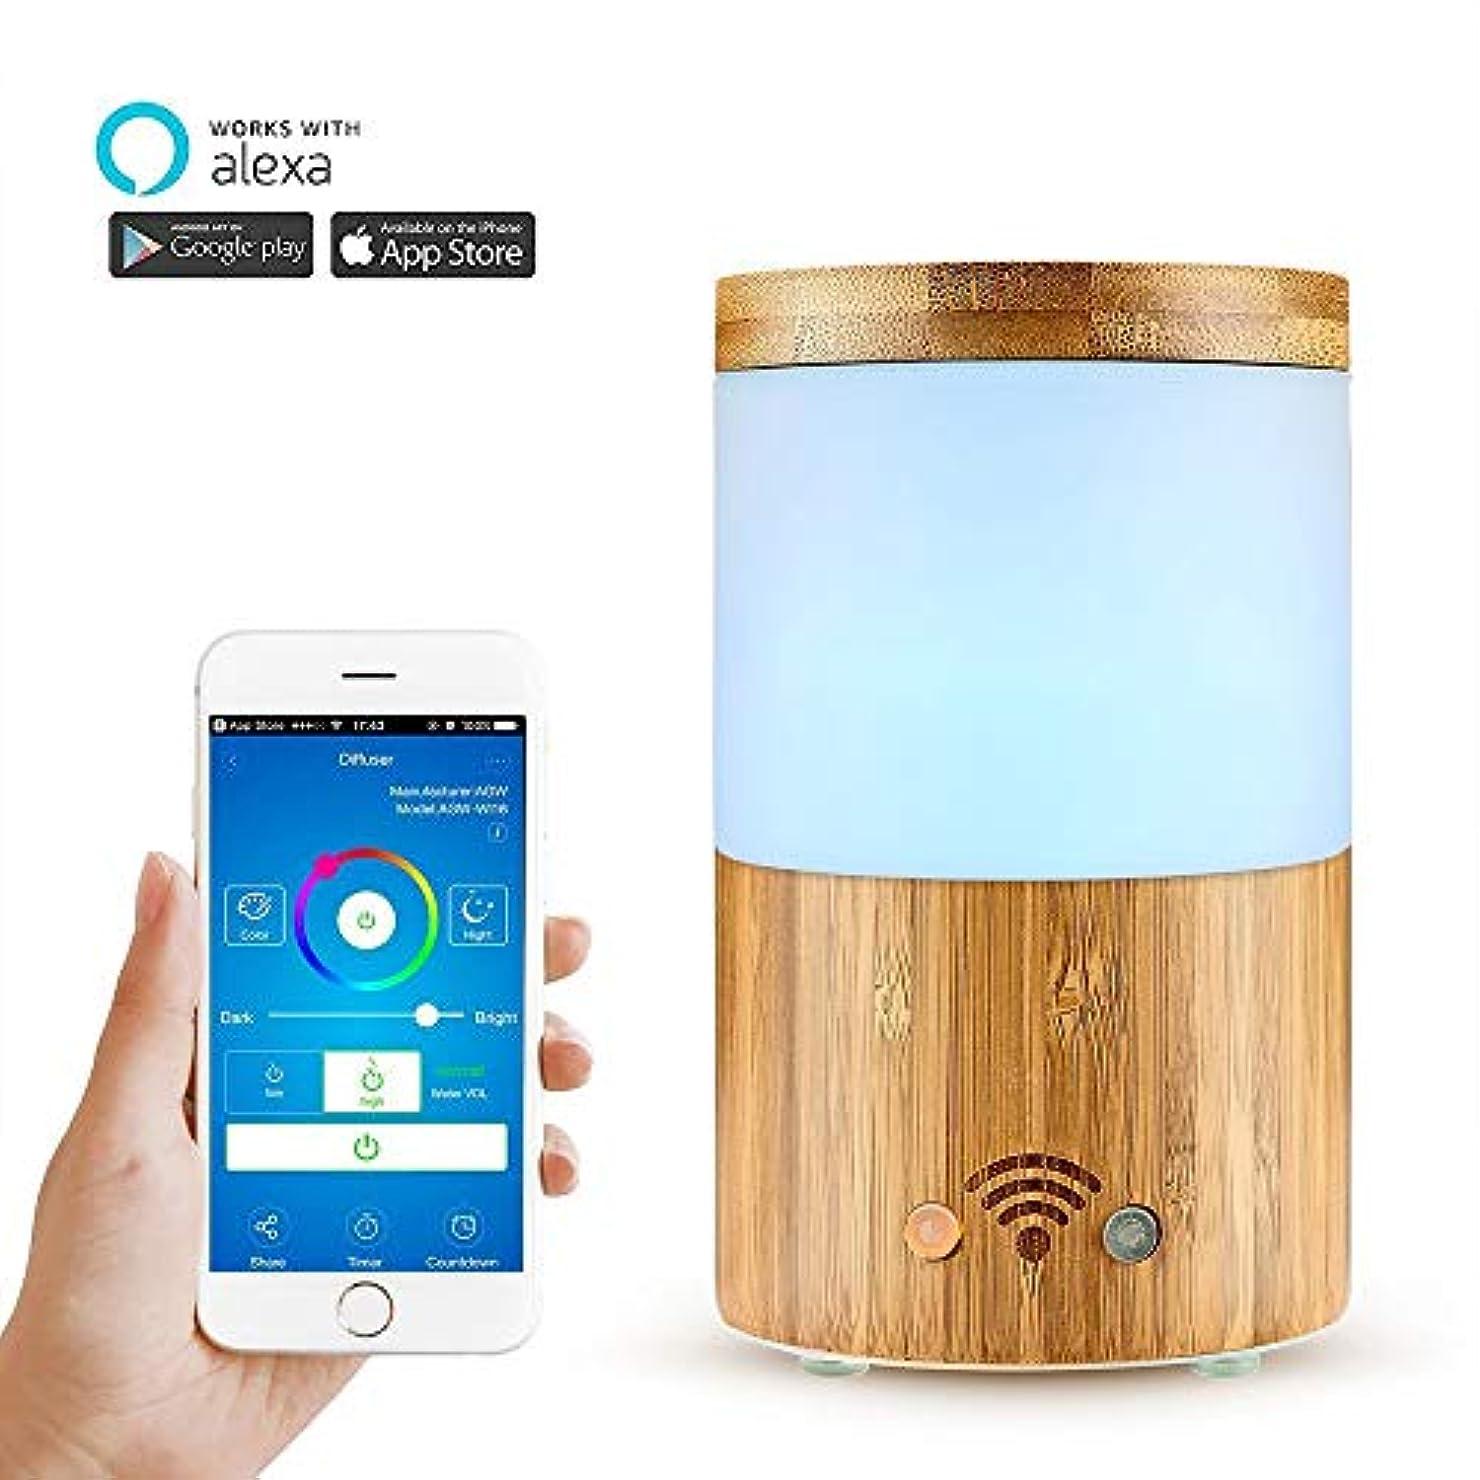 質素な海賊悪夢Wifiワイヤレスアロマエッセンシャルオイルディフューザー、電話アプリ、音声コントロール-スケジュールの作成-160mlディフューザーと加湿器-LEDとタイマーの設定